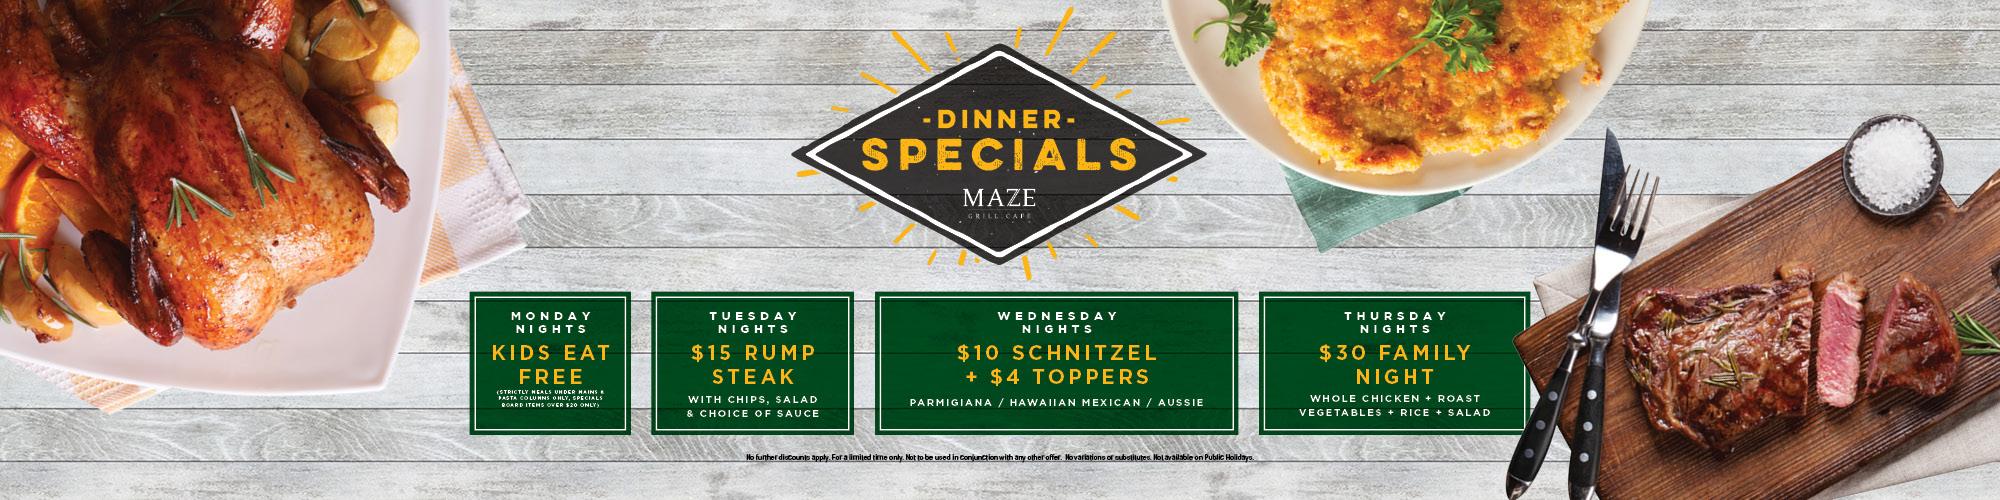 Maze-Dinner-Specials-2017-Web-Slider